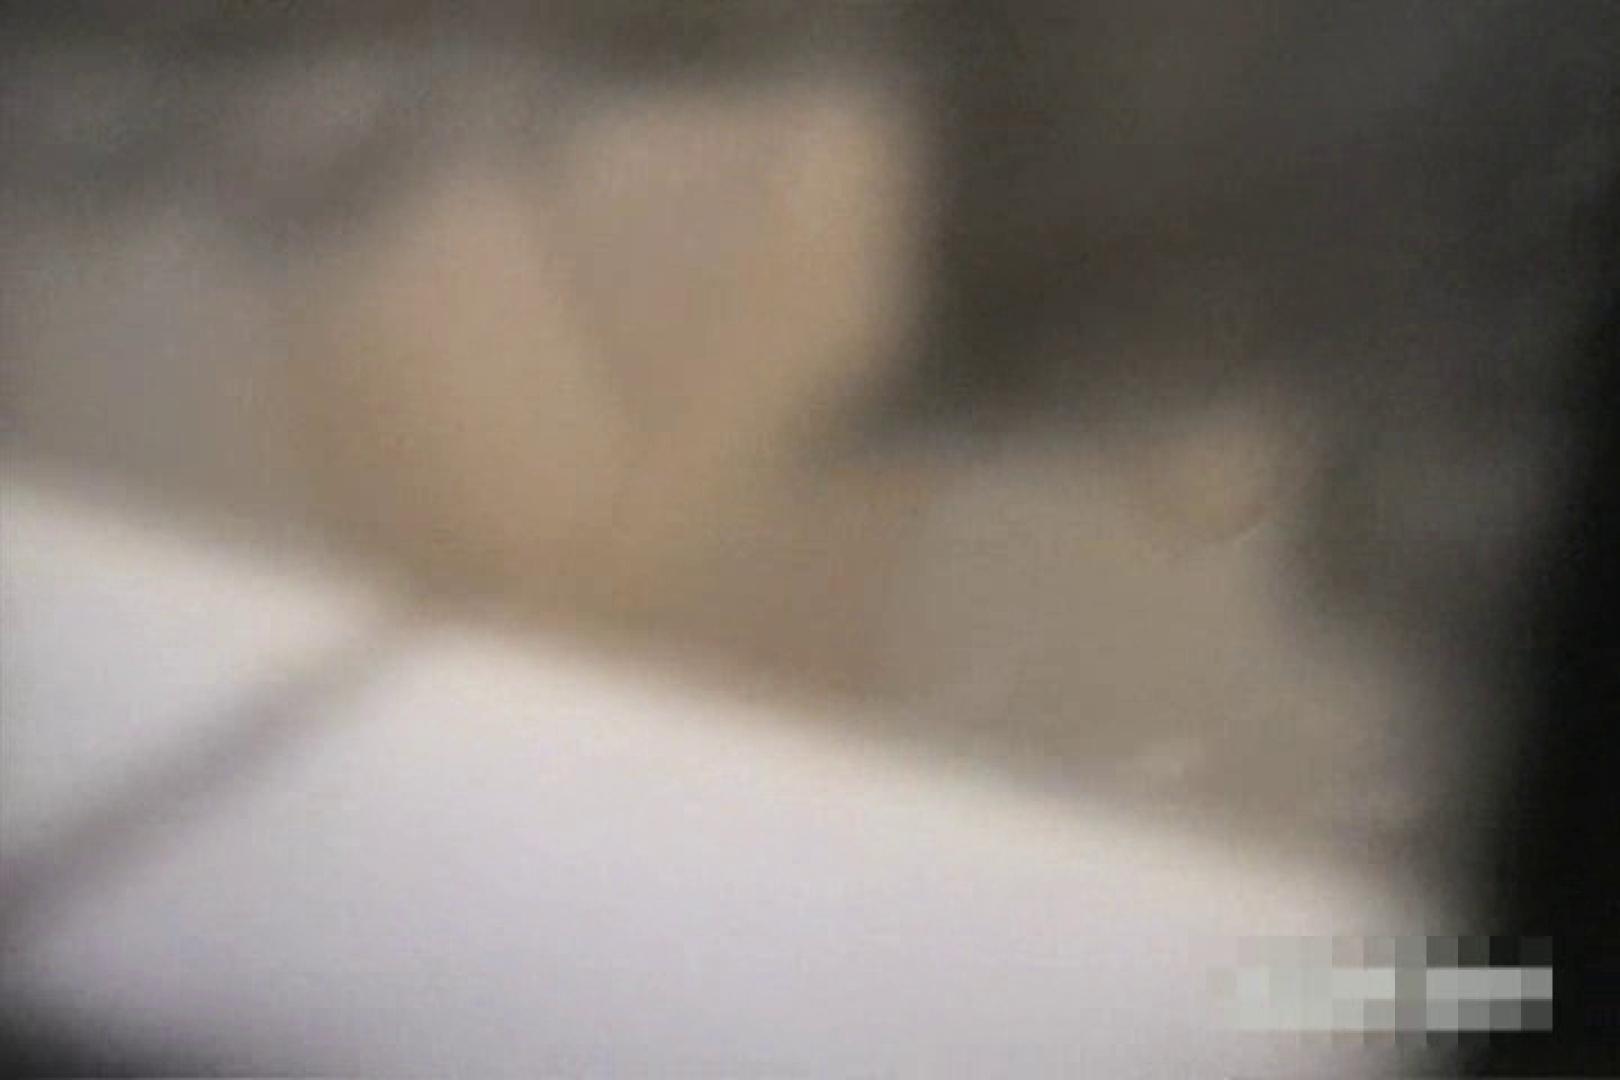 激撮ストーカー記録あなたのお宅拝見しますVol.2 民家 すけべAV動画紹介 86pic 55